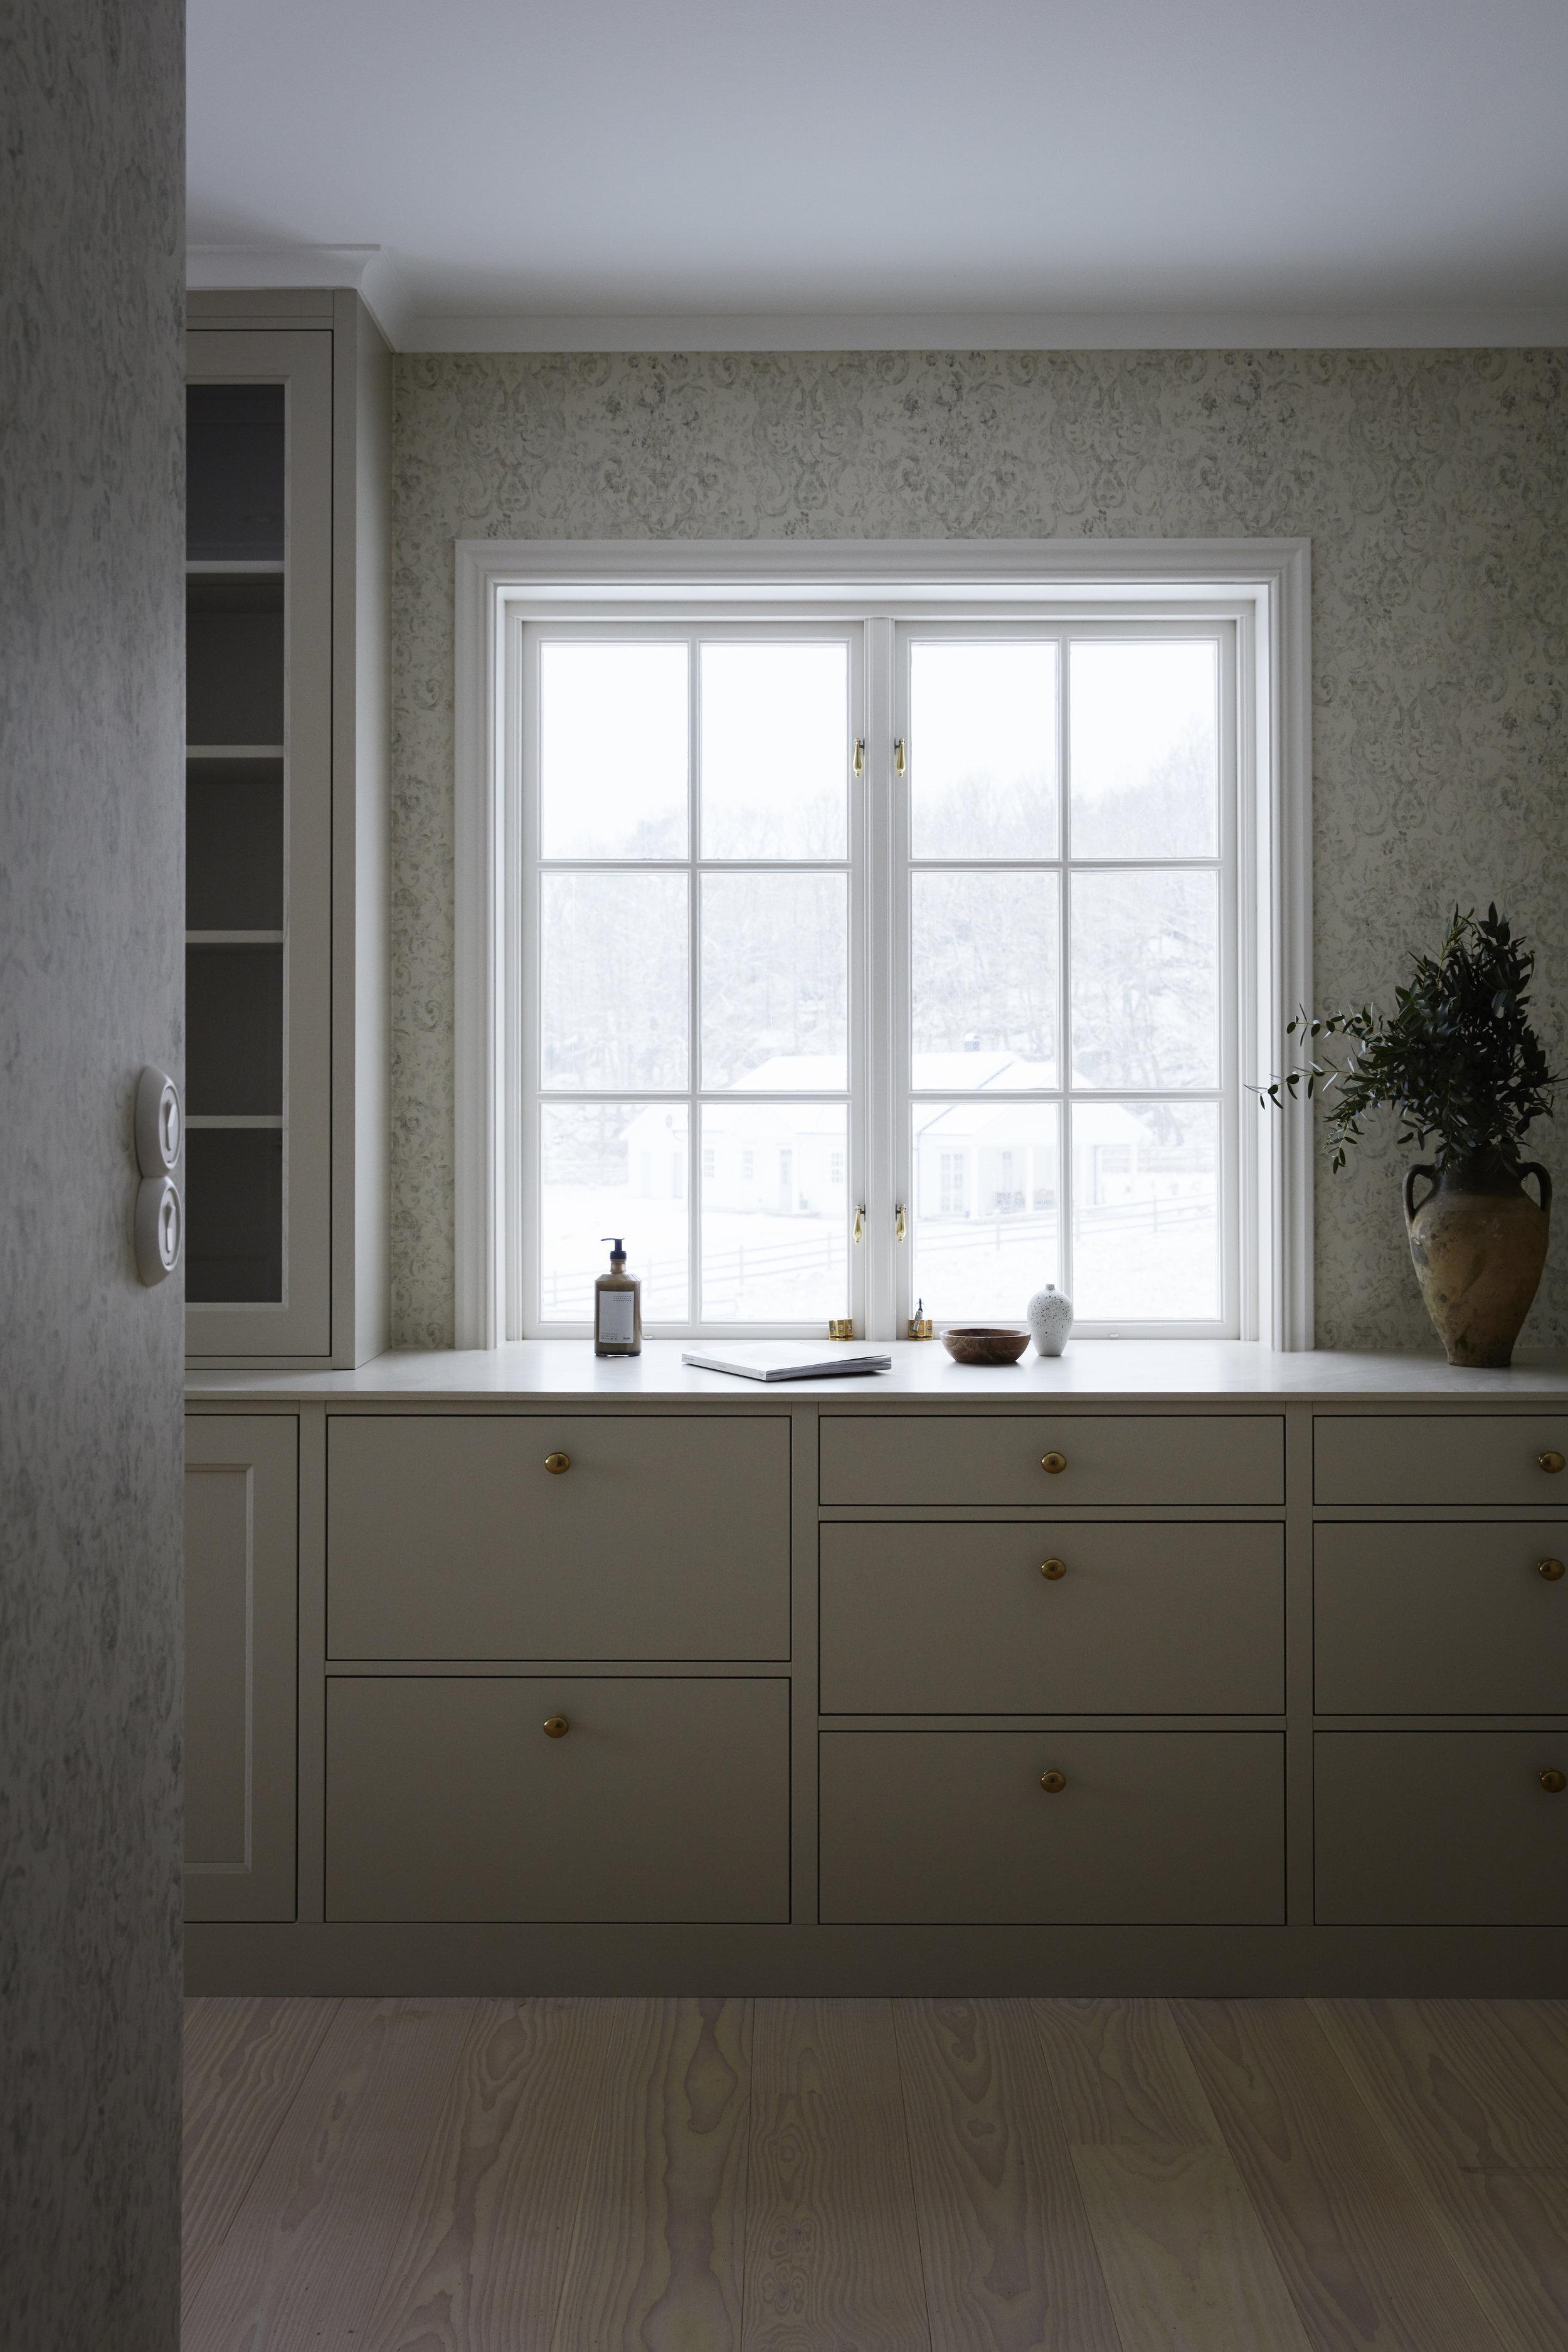 2019-01-15_kitchen-and-beyond-saro10595 kopiera.jpg